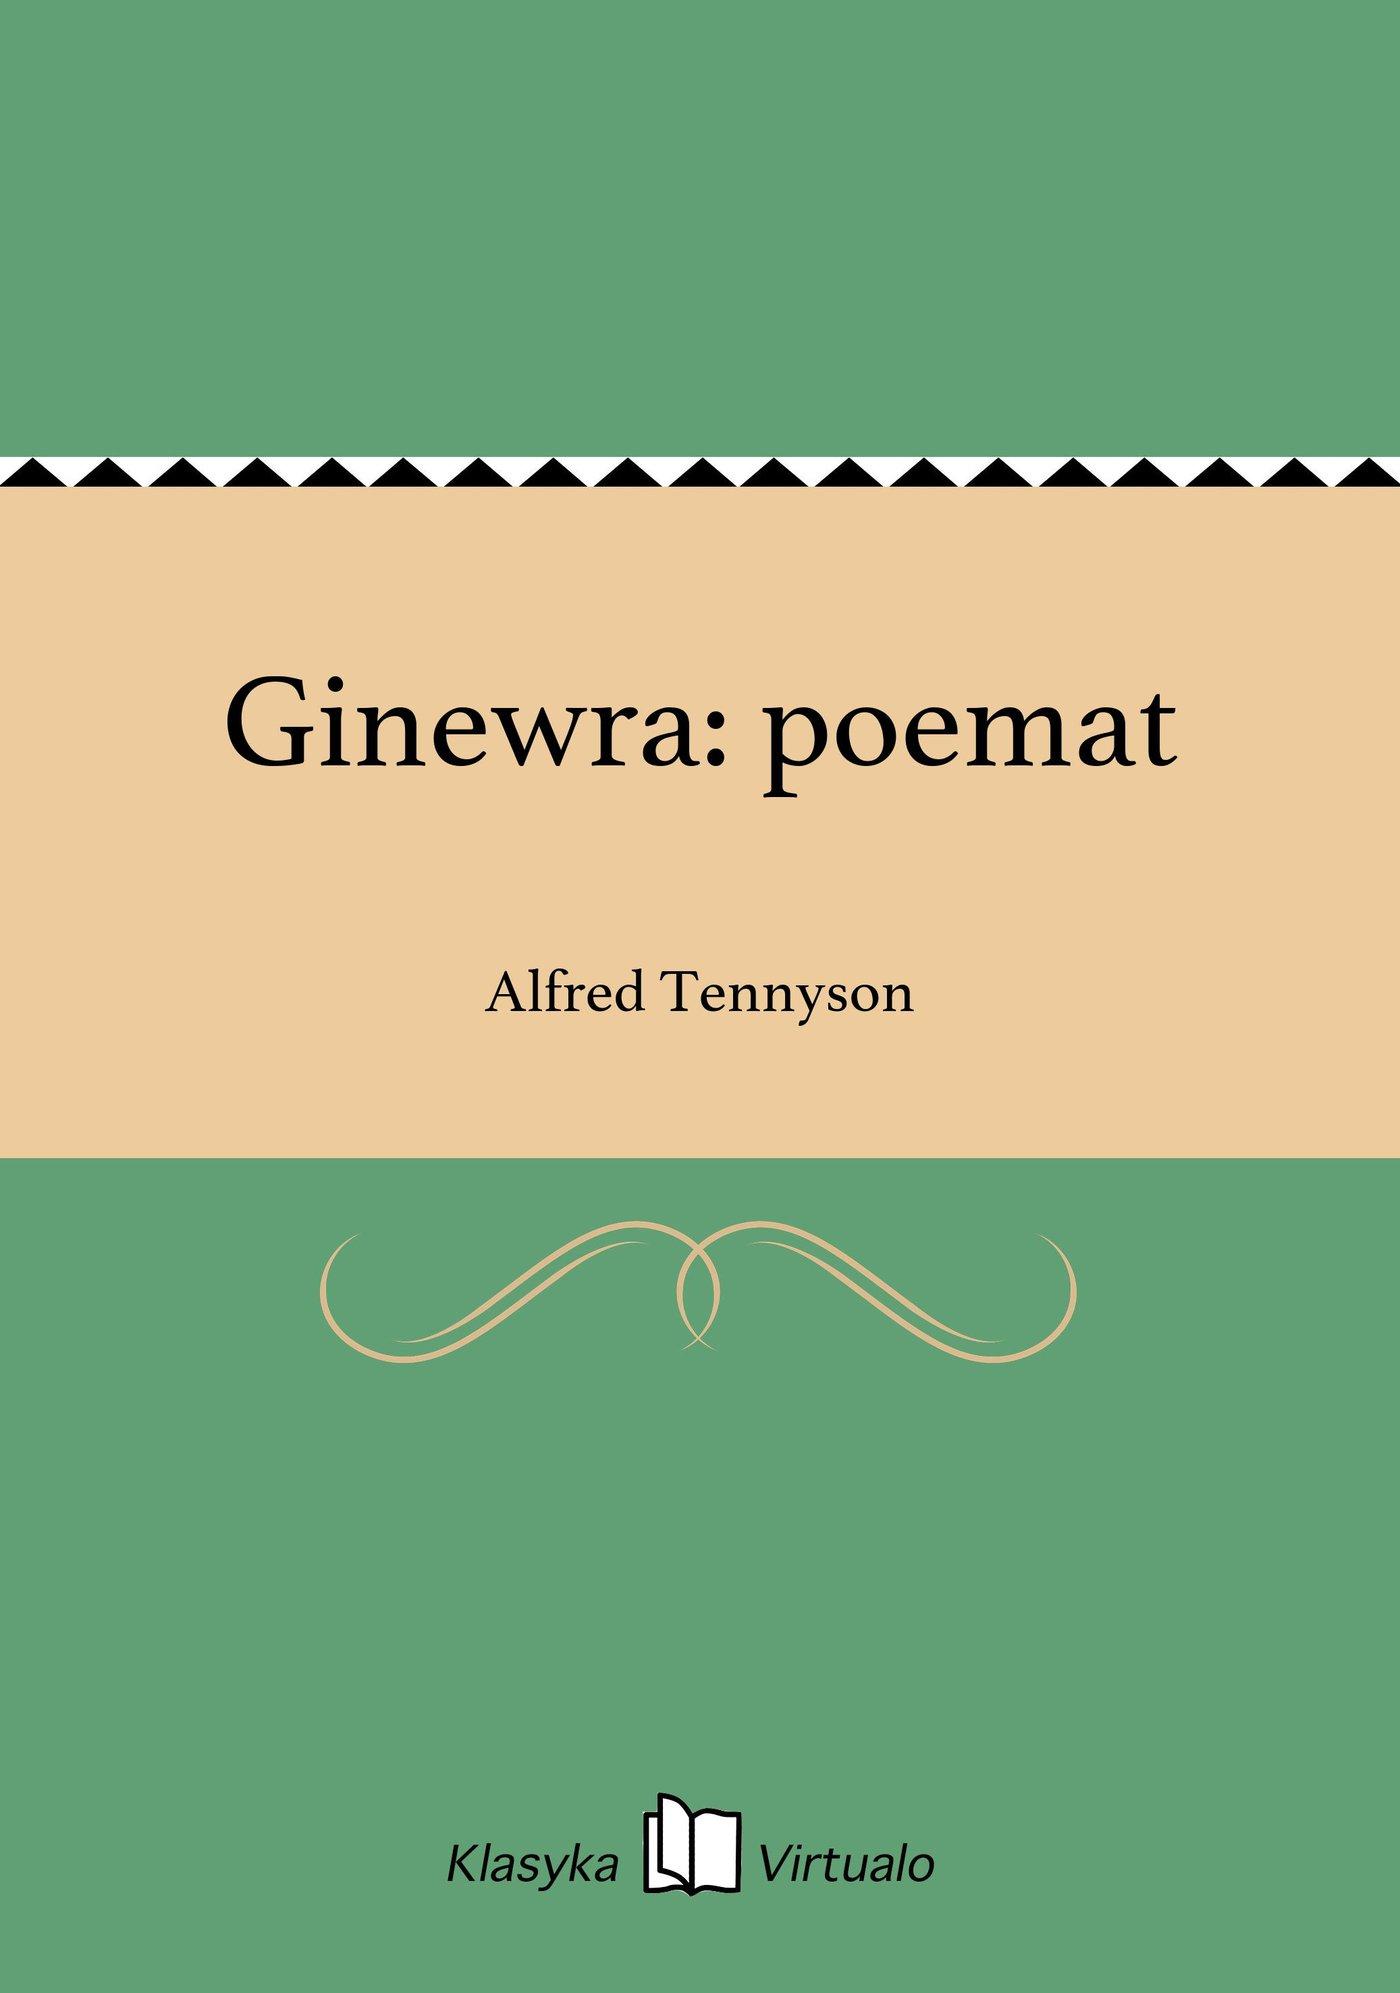 Ginewra: poemat - Ebook (Książka na Kindle) do pobrania w formacie MOBI